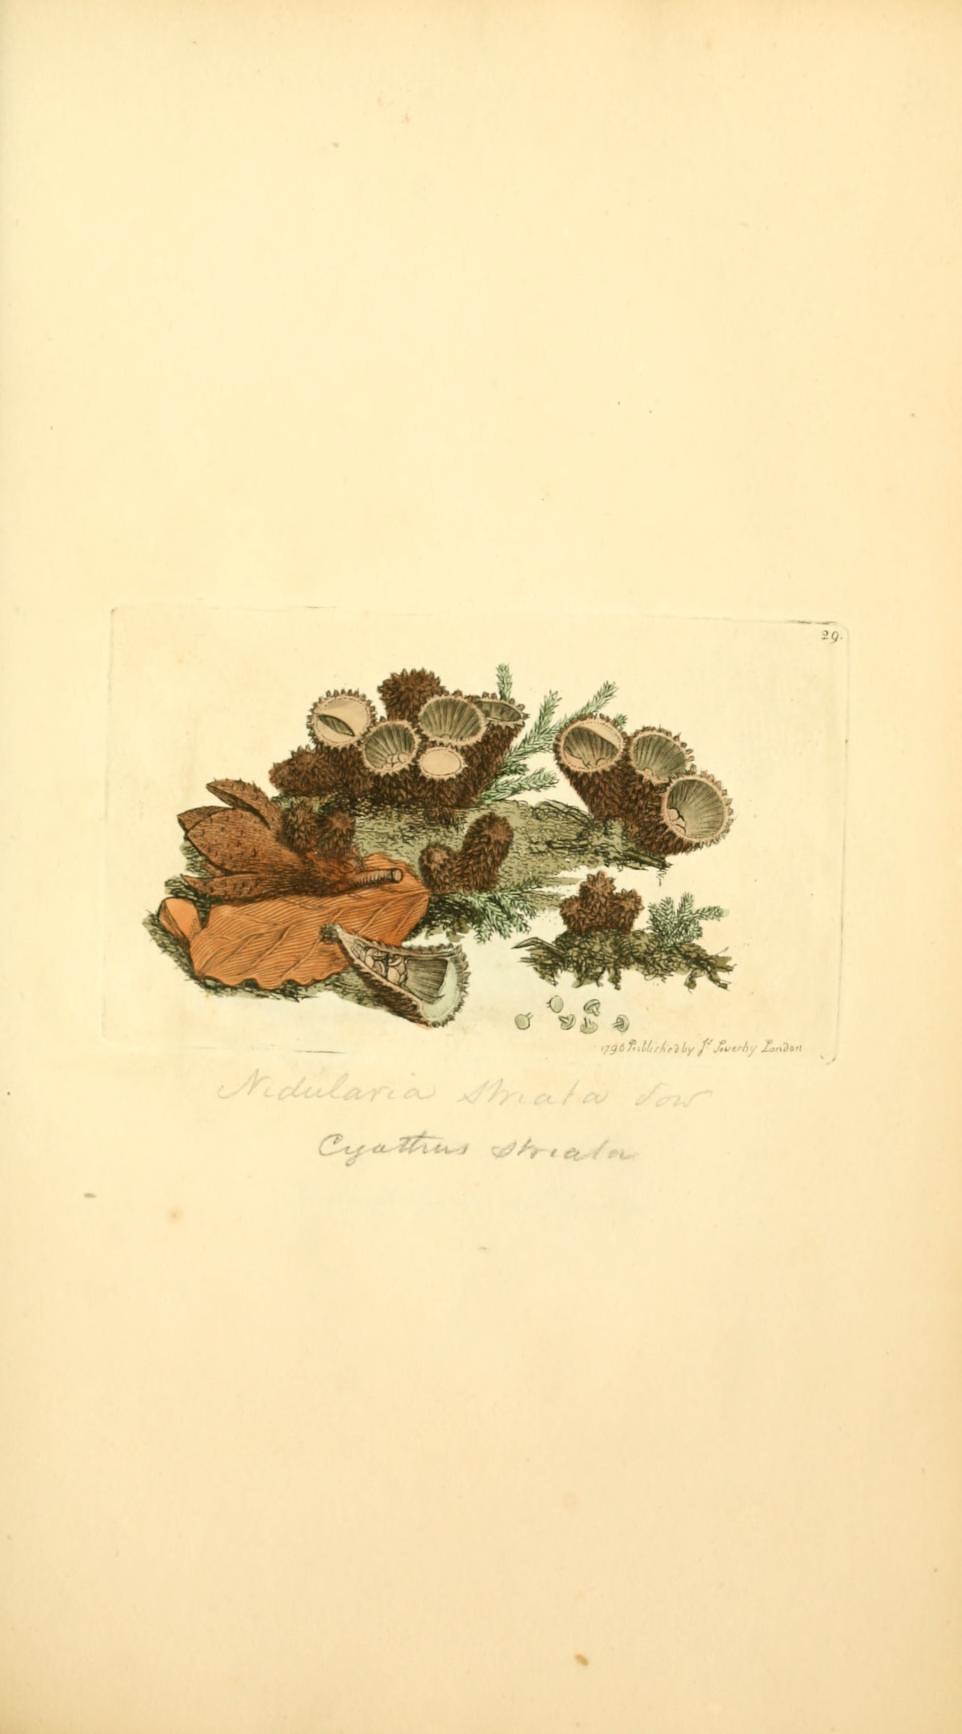 Bird's Nest Fungus - The Hall of Einar